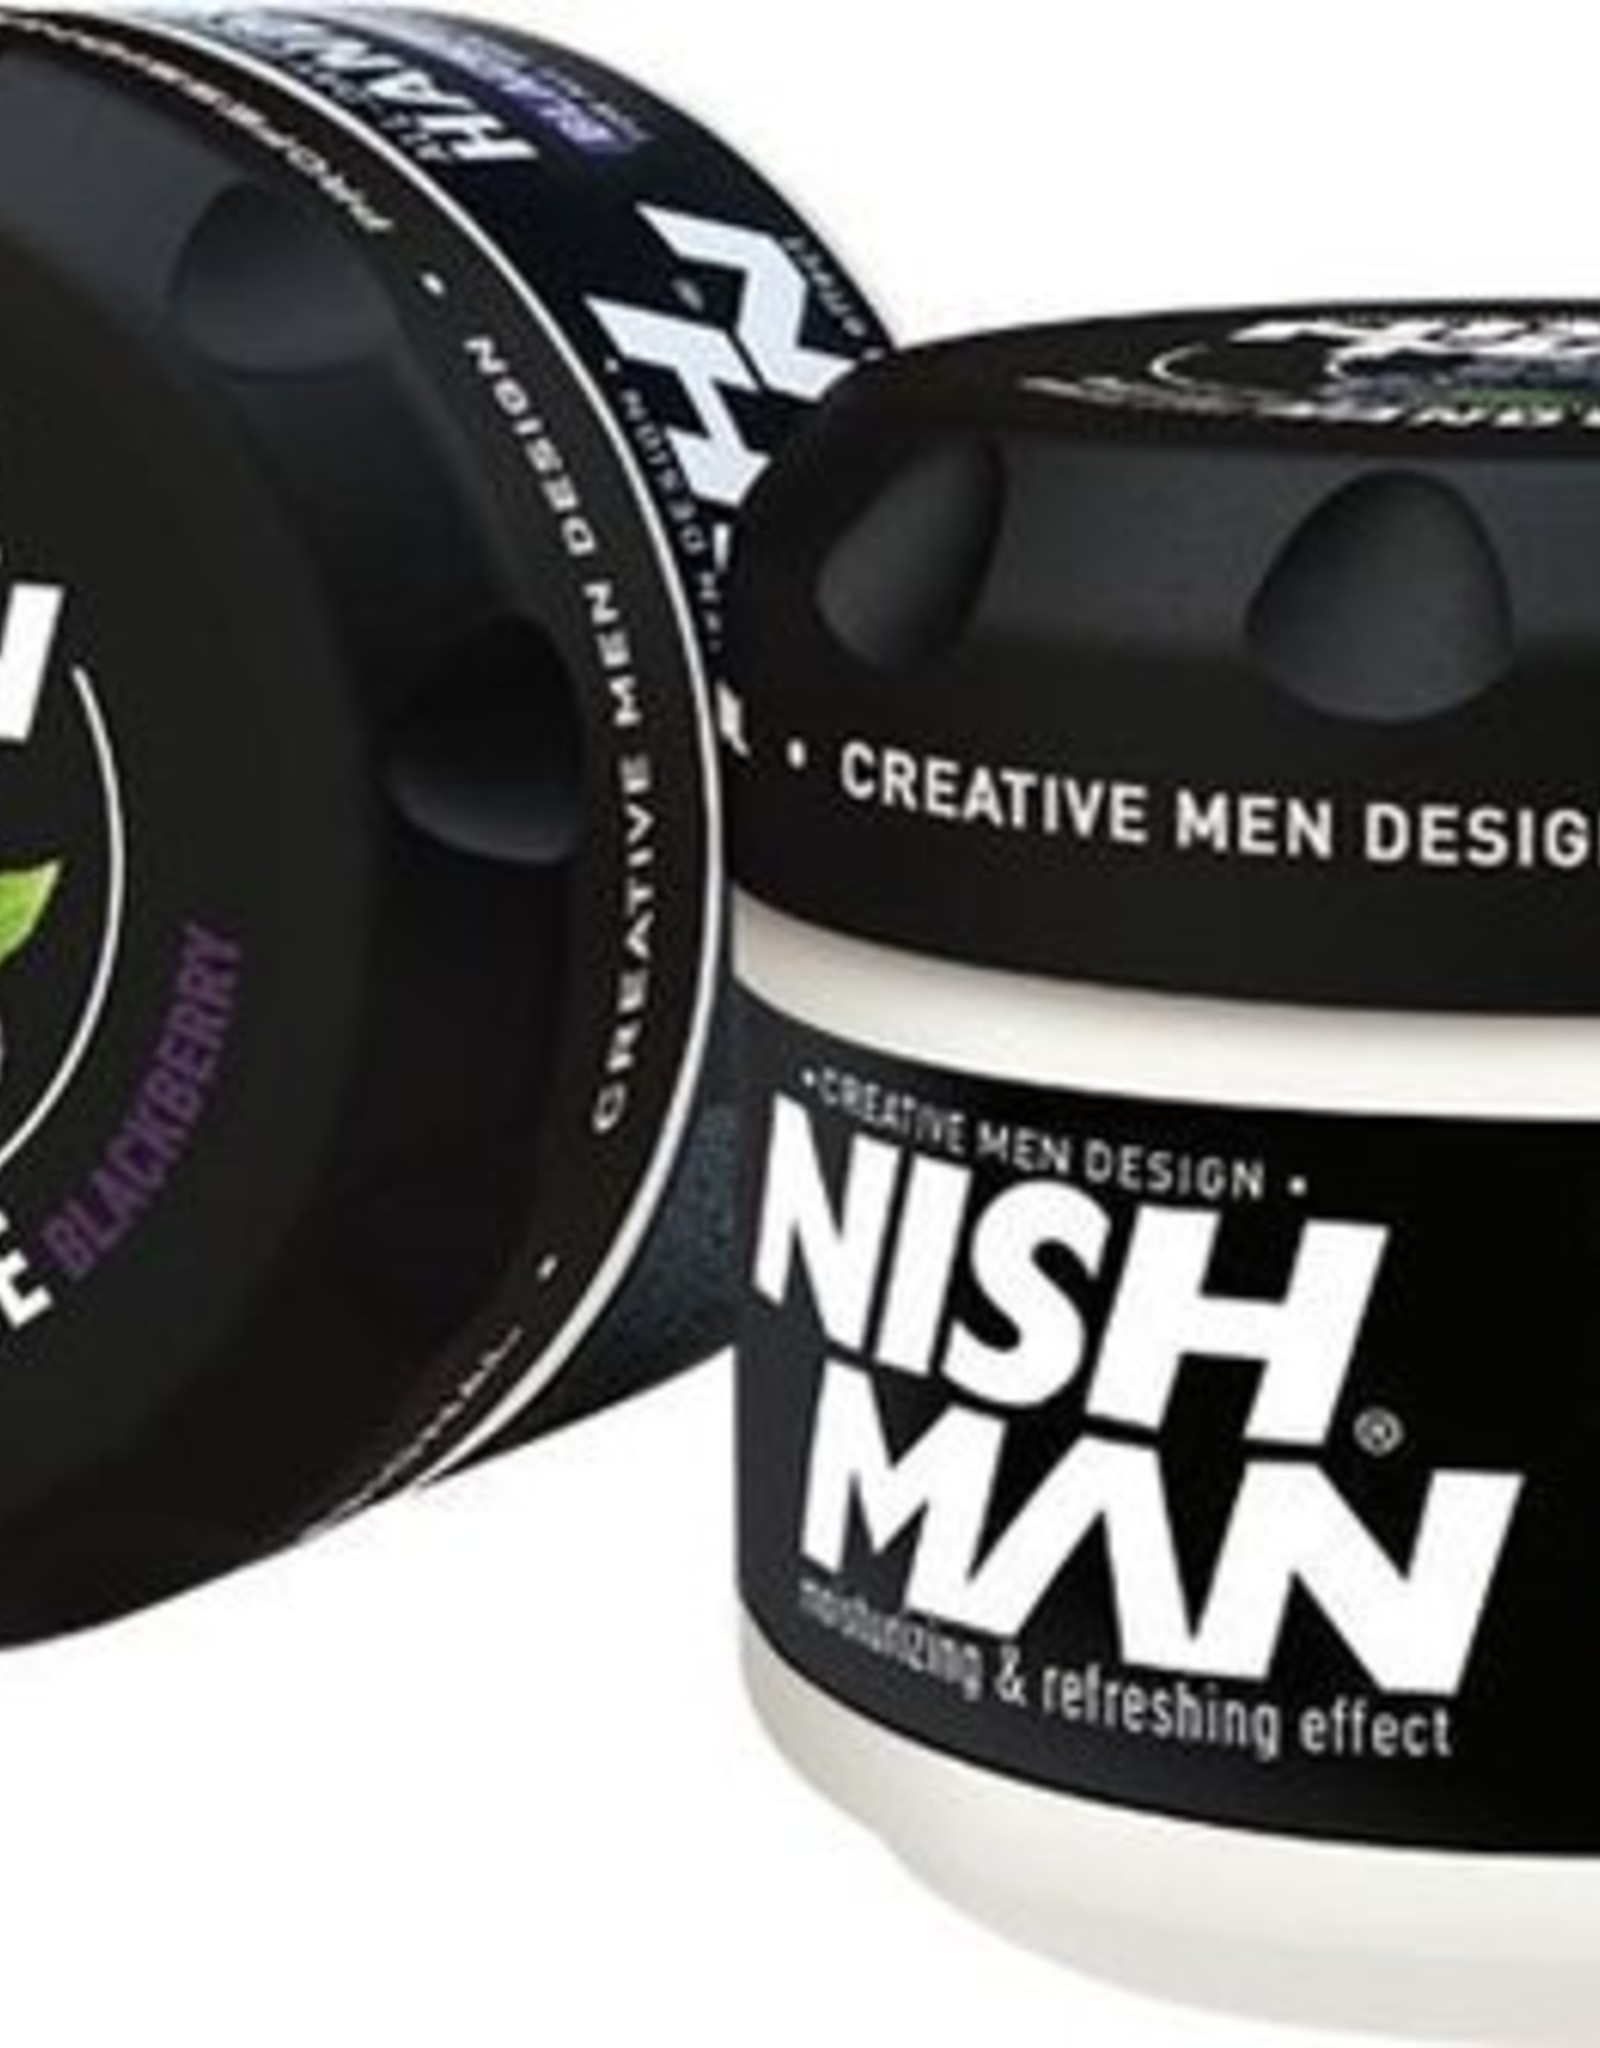 Nishman Care Cream